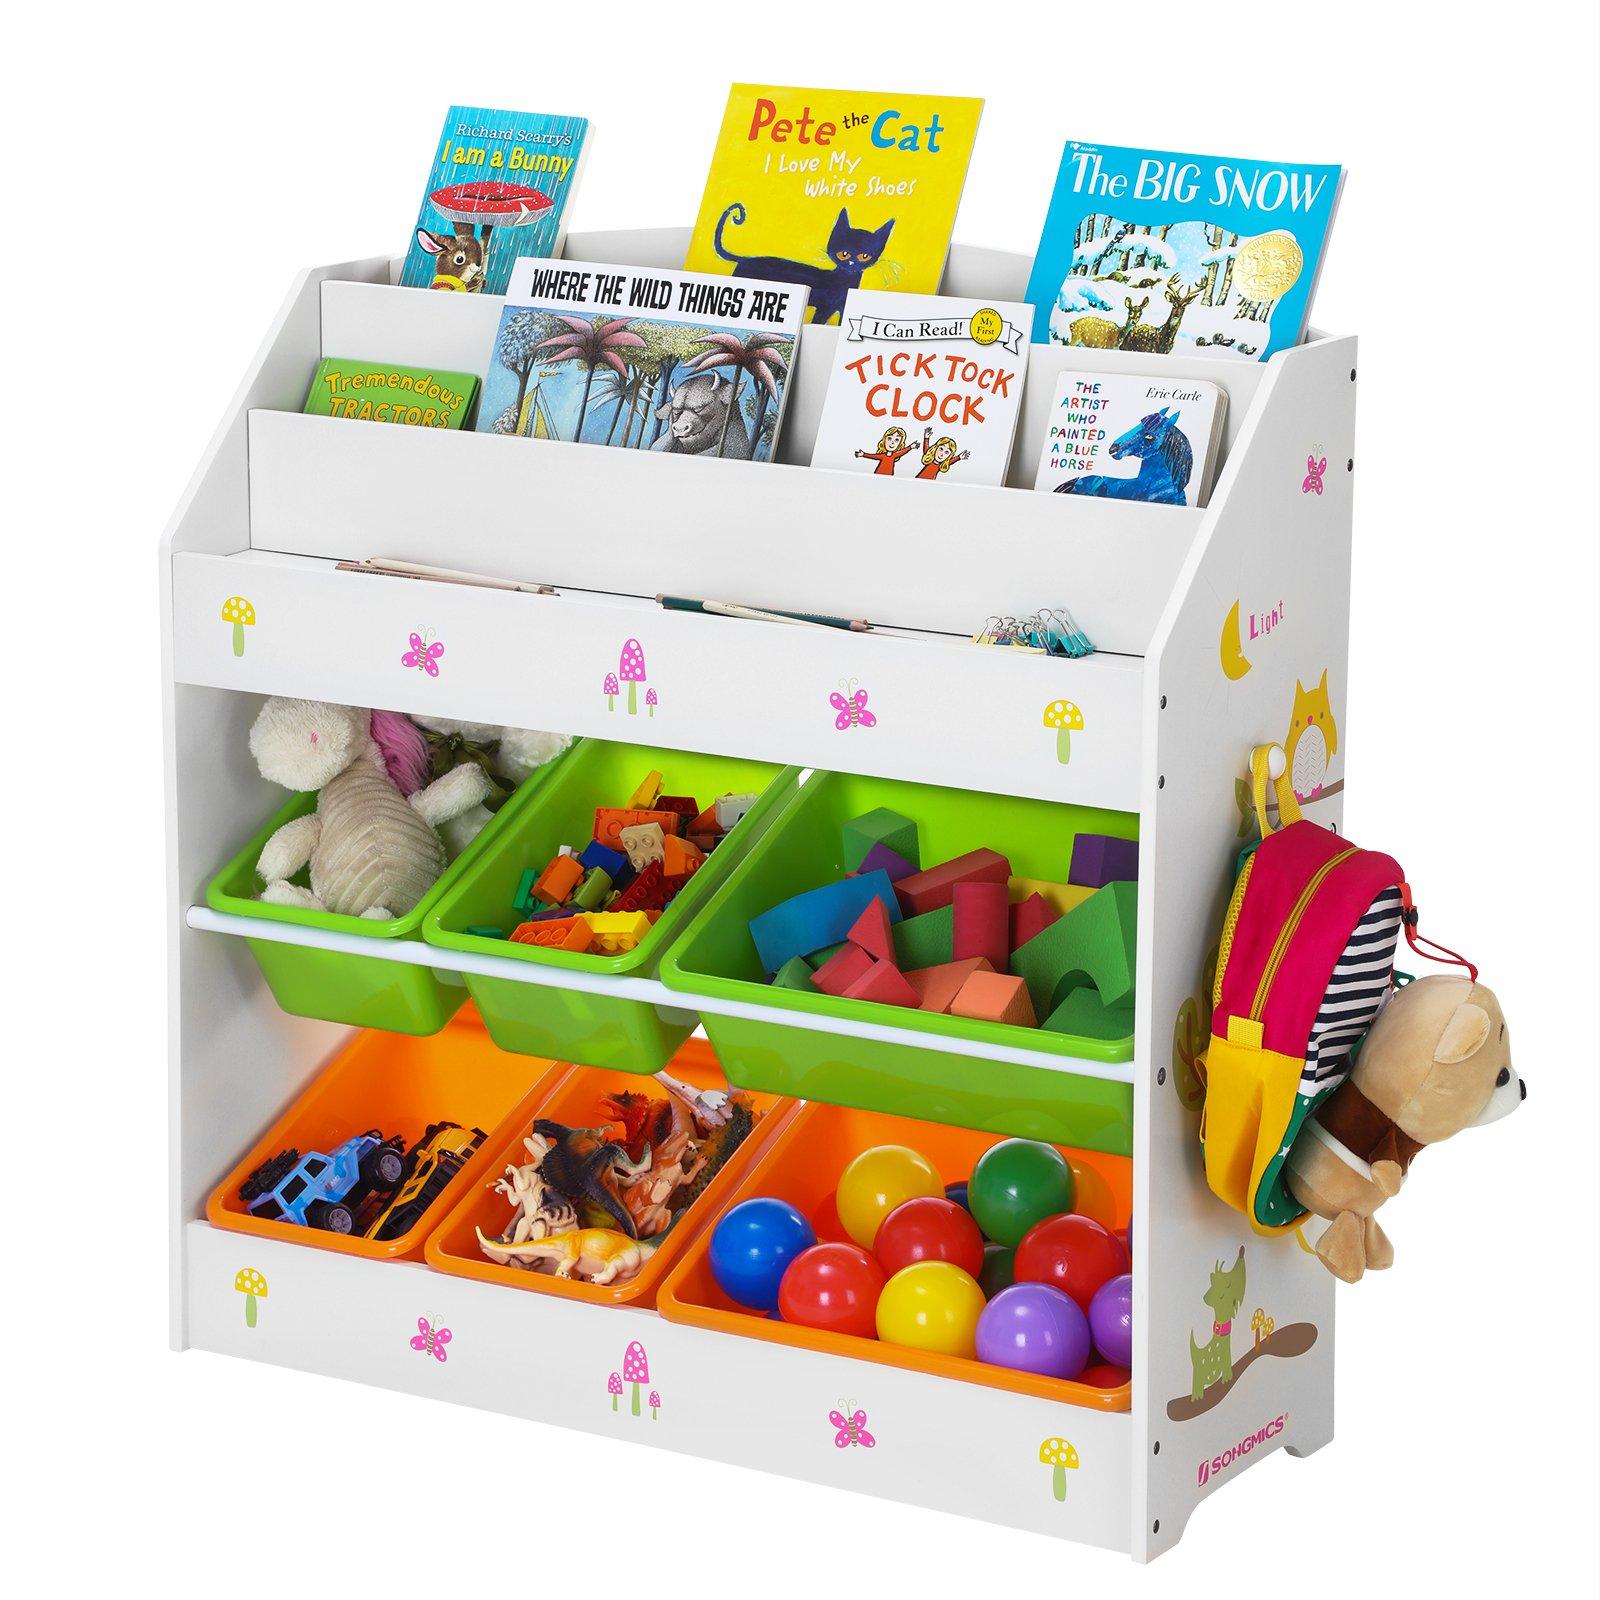 Roba scaffale per giochi per ragazzi e ragazze con 5 scatole di stoffa per bambini ripiano per la cameretta dei bambini Scaffale per giocattoli Stars